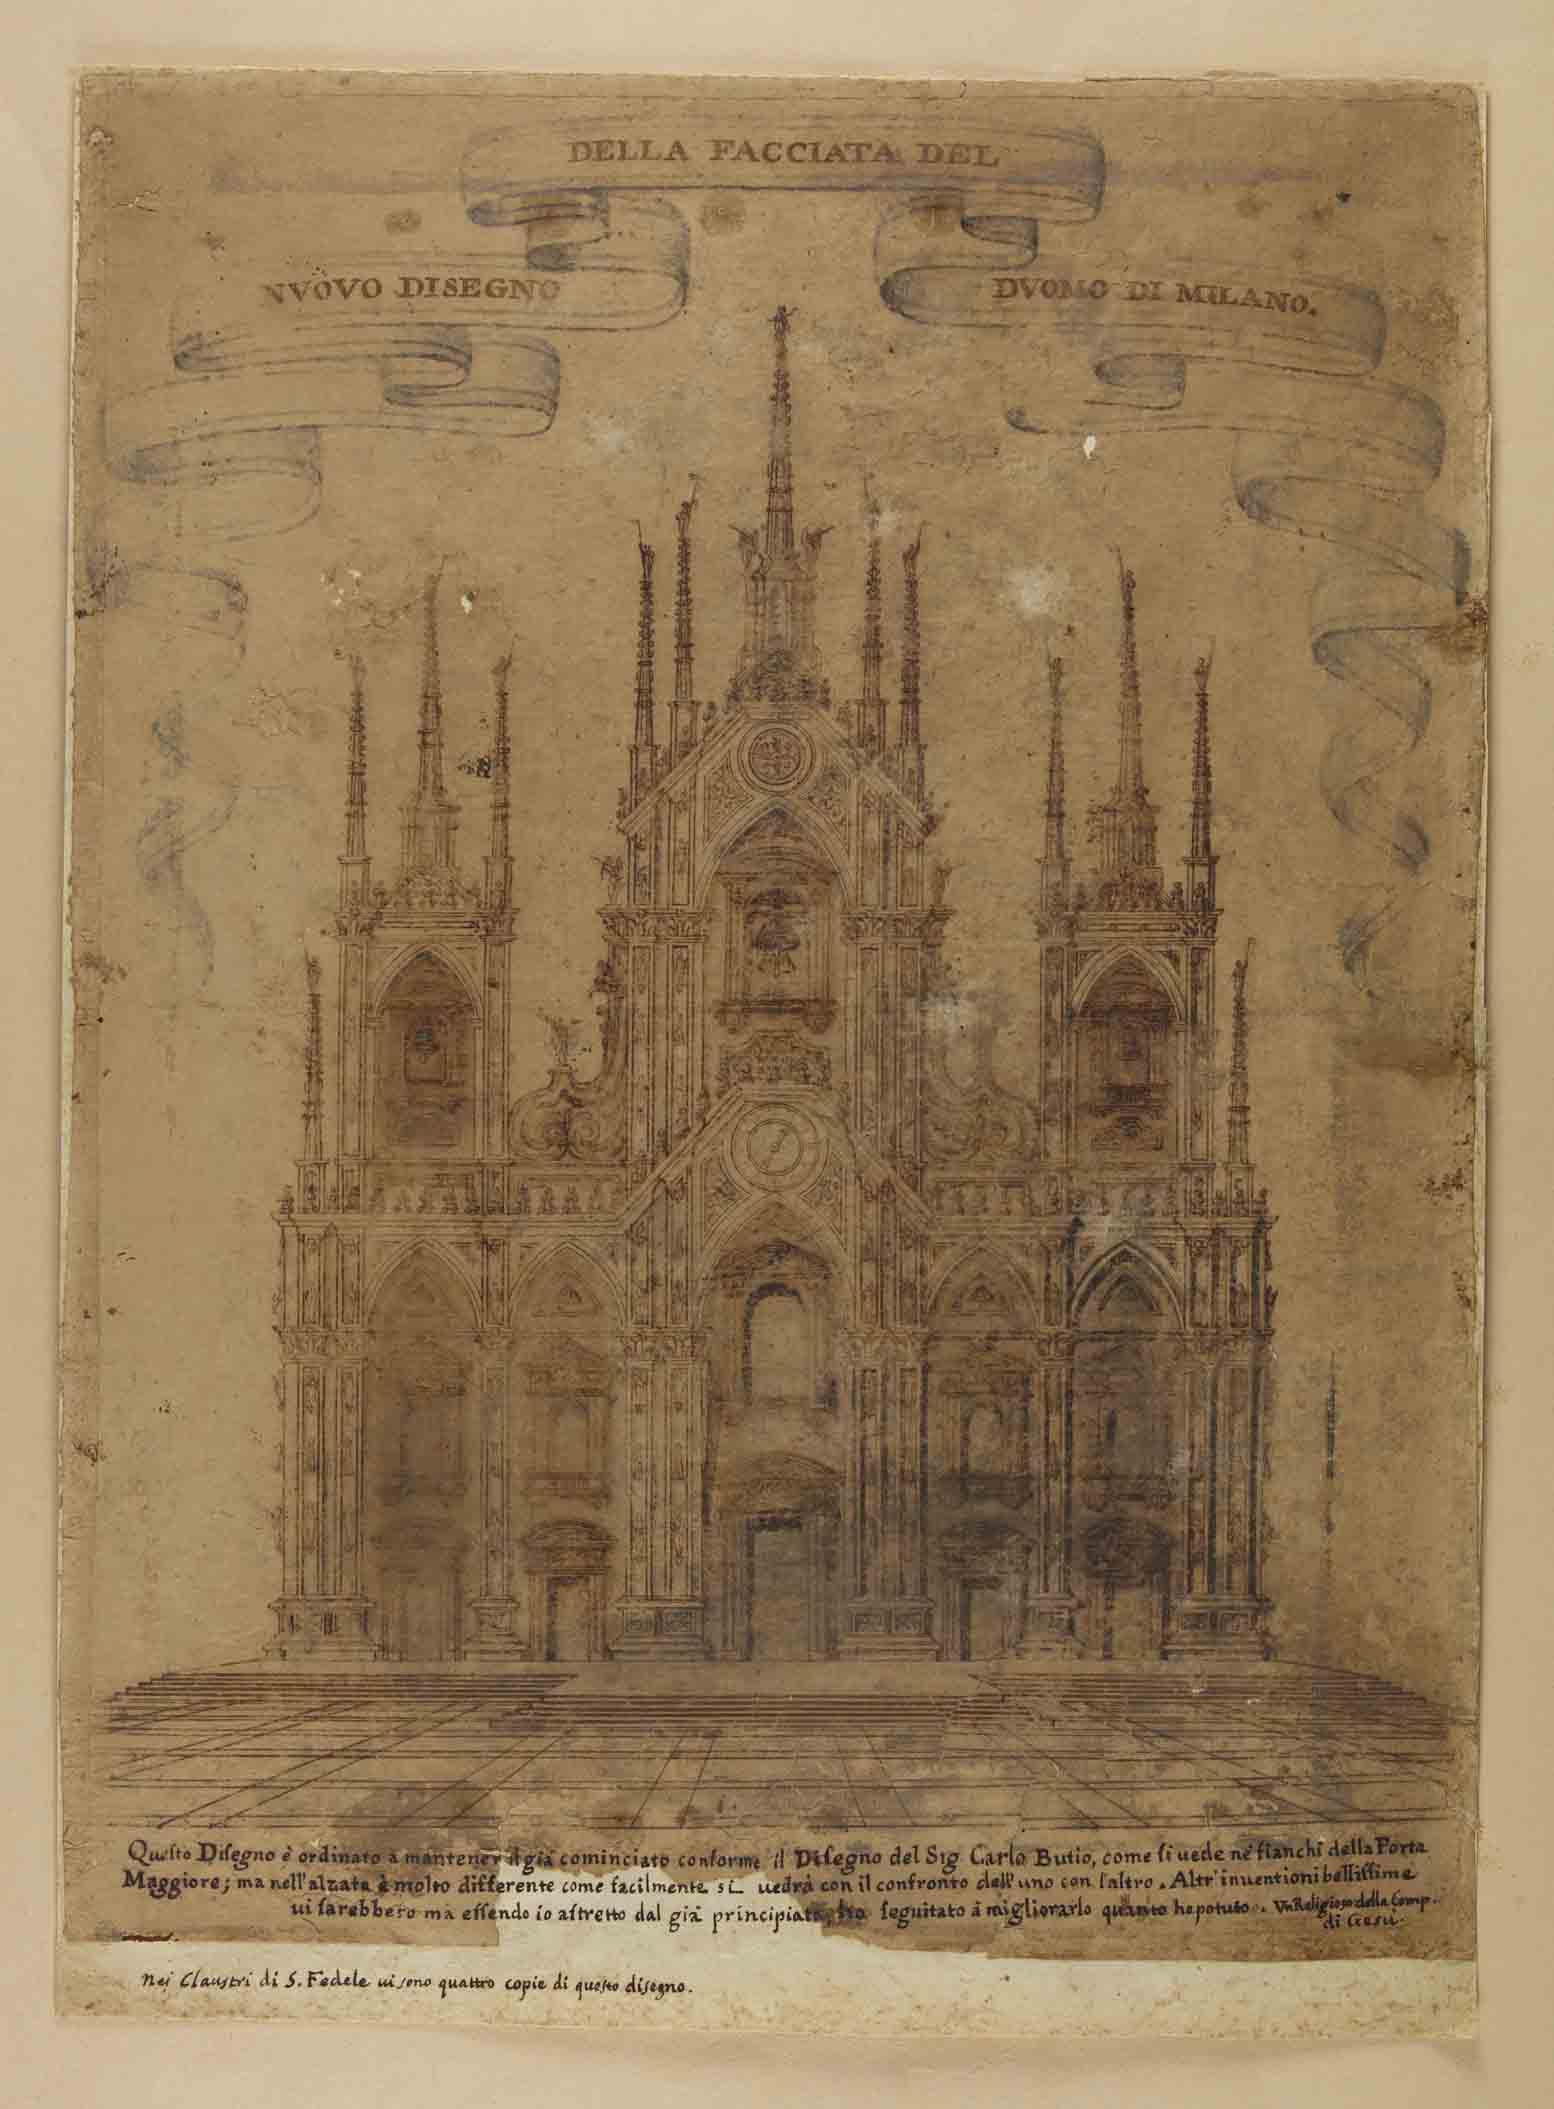 Corpus dei disegni di architettura duomo di milano for Disegno del piano di architettura